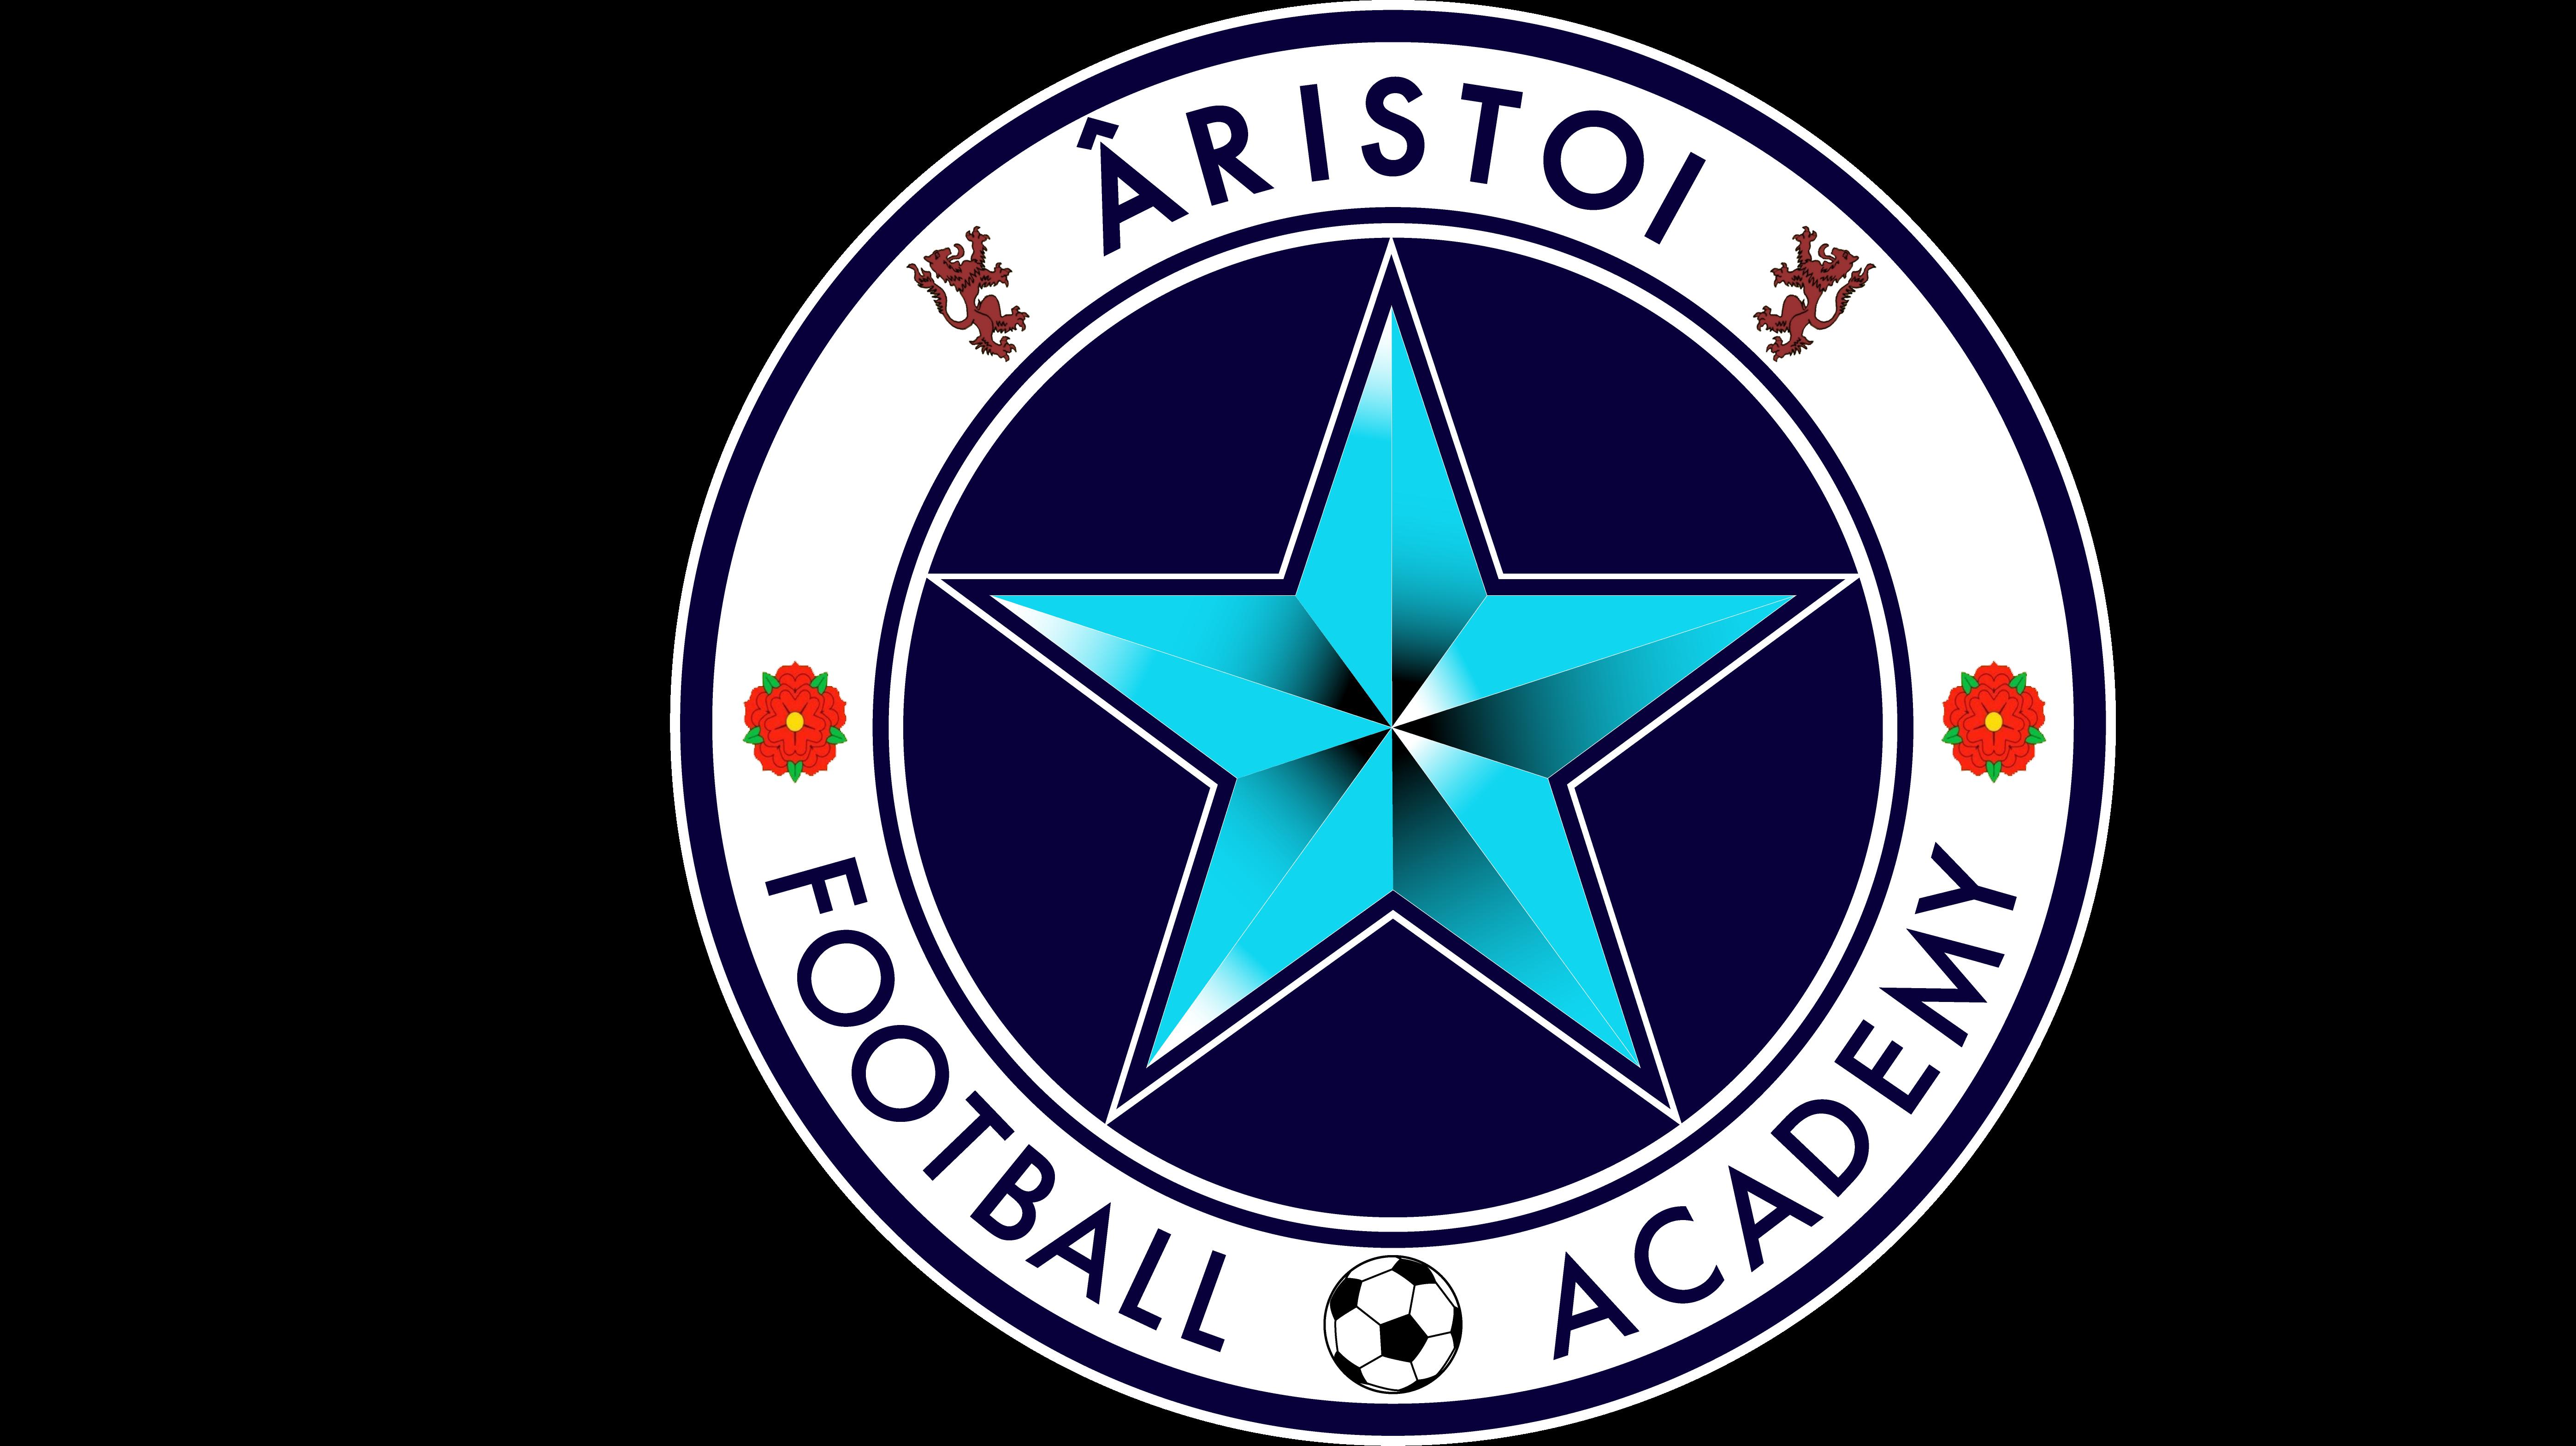 Âristoi Footbal Academy